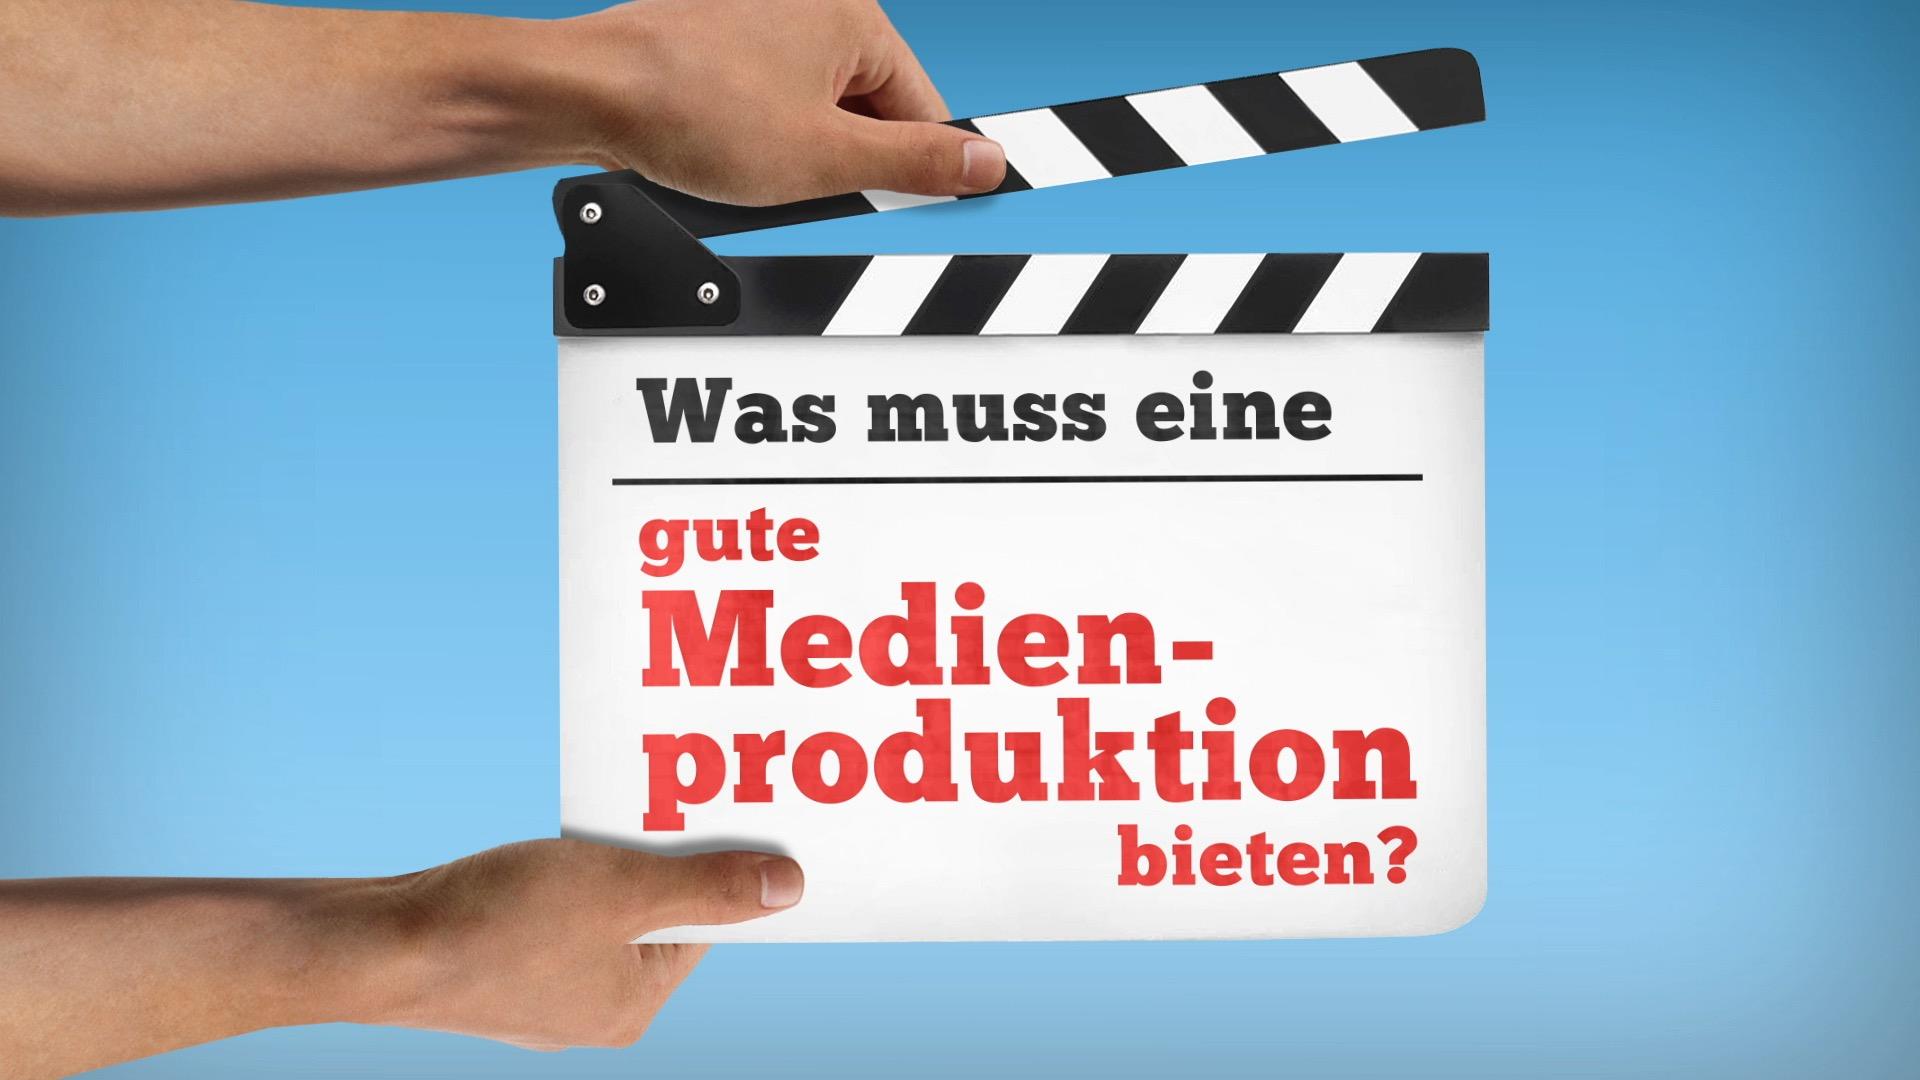 """Video-Thumbnail von Präsentationsfilm: Zwei Hände halten Filmklappe ins Bild, Aufschrift: """"Was muss eine gute Medienproduktion bieten?"""""""